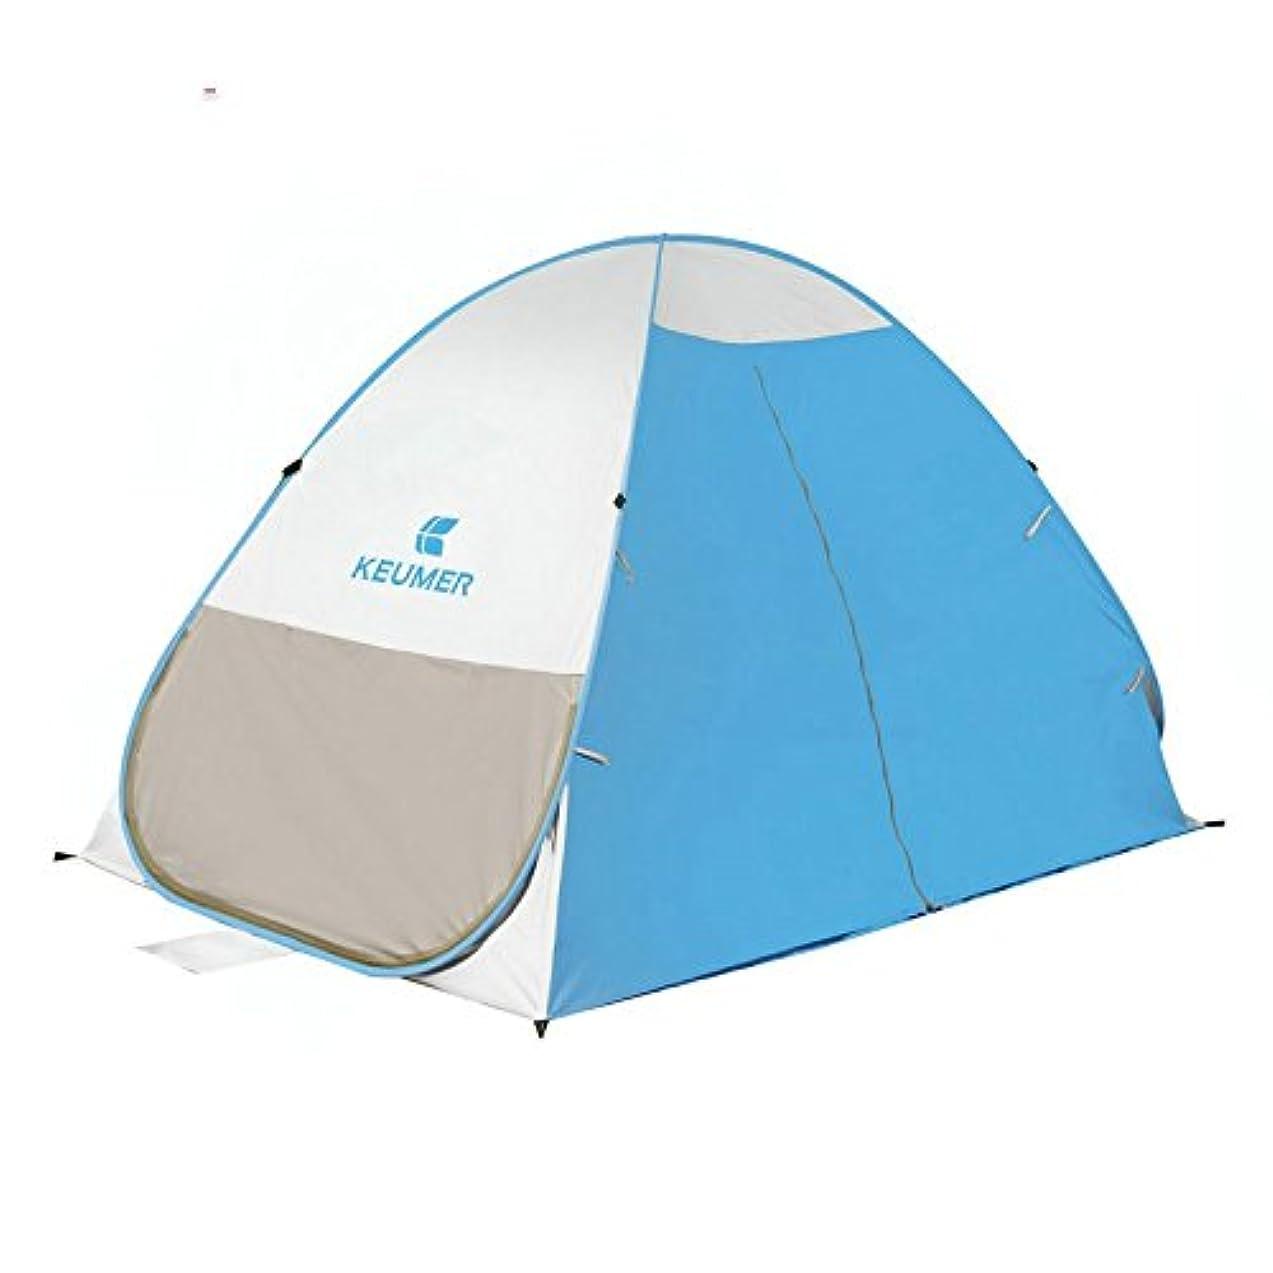 しばしば薬資格情報Sun-happyyaa 携帯用屋外スポーツのキャンプのピクニック自動テント日よけのテント浜のテント防水、雨および紫外線抵抗力がある取付けやすい大きいスペース 購入へようこそ